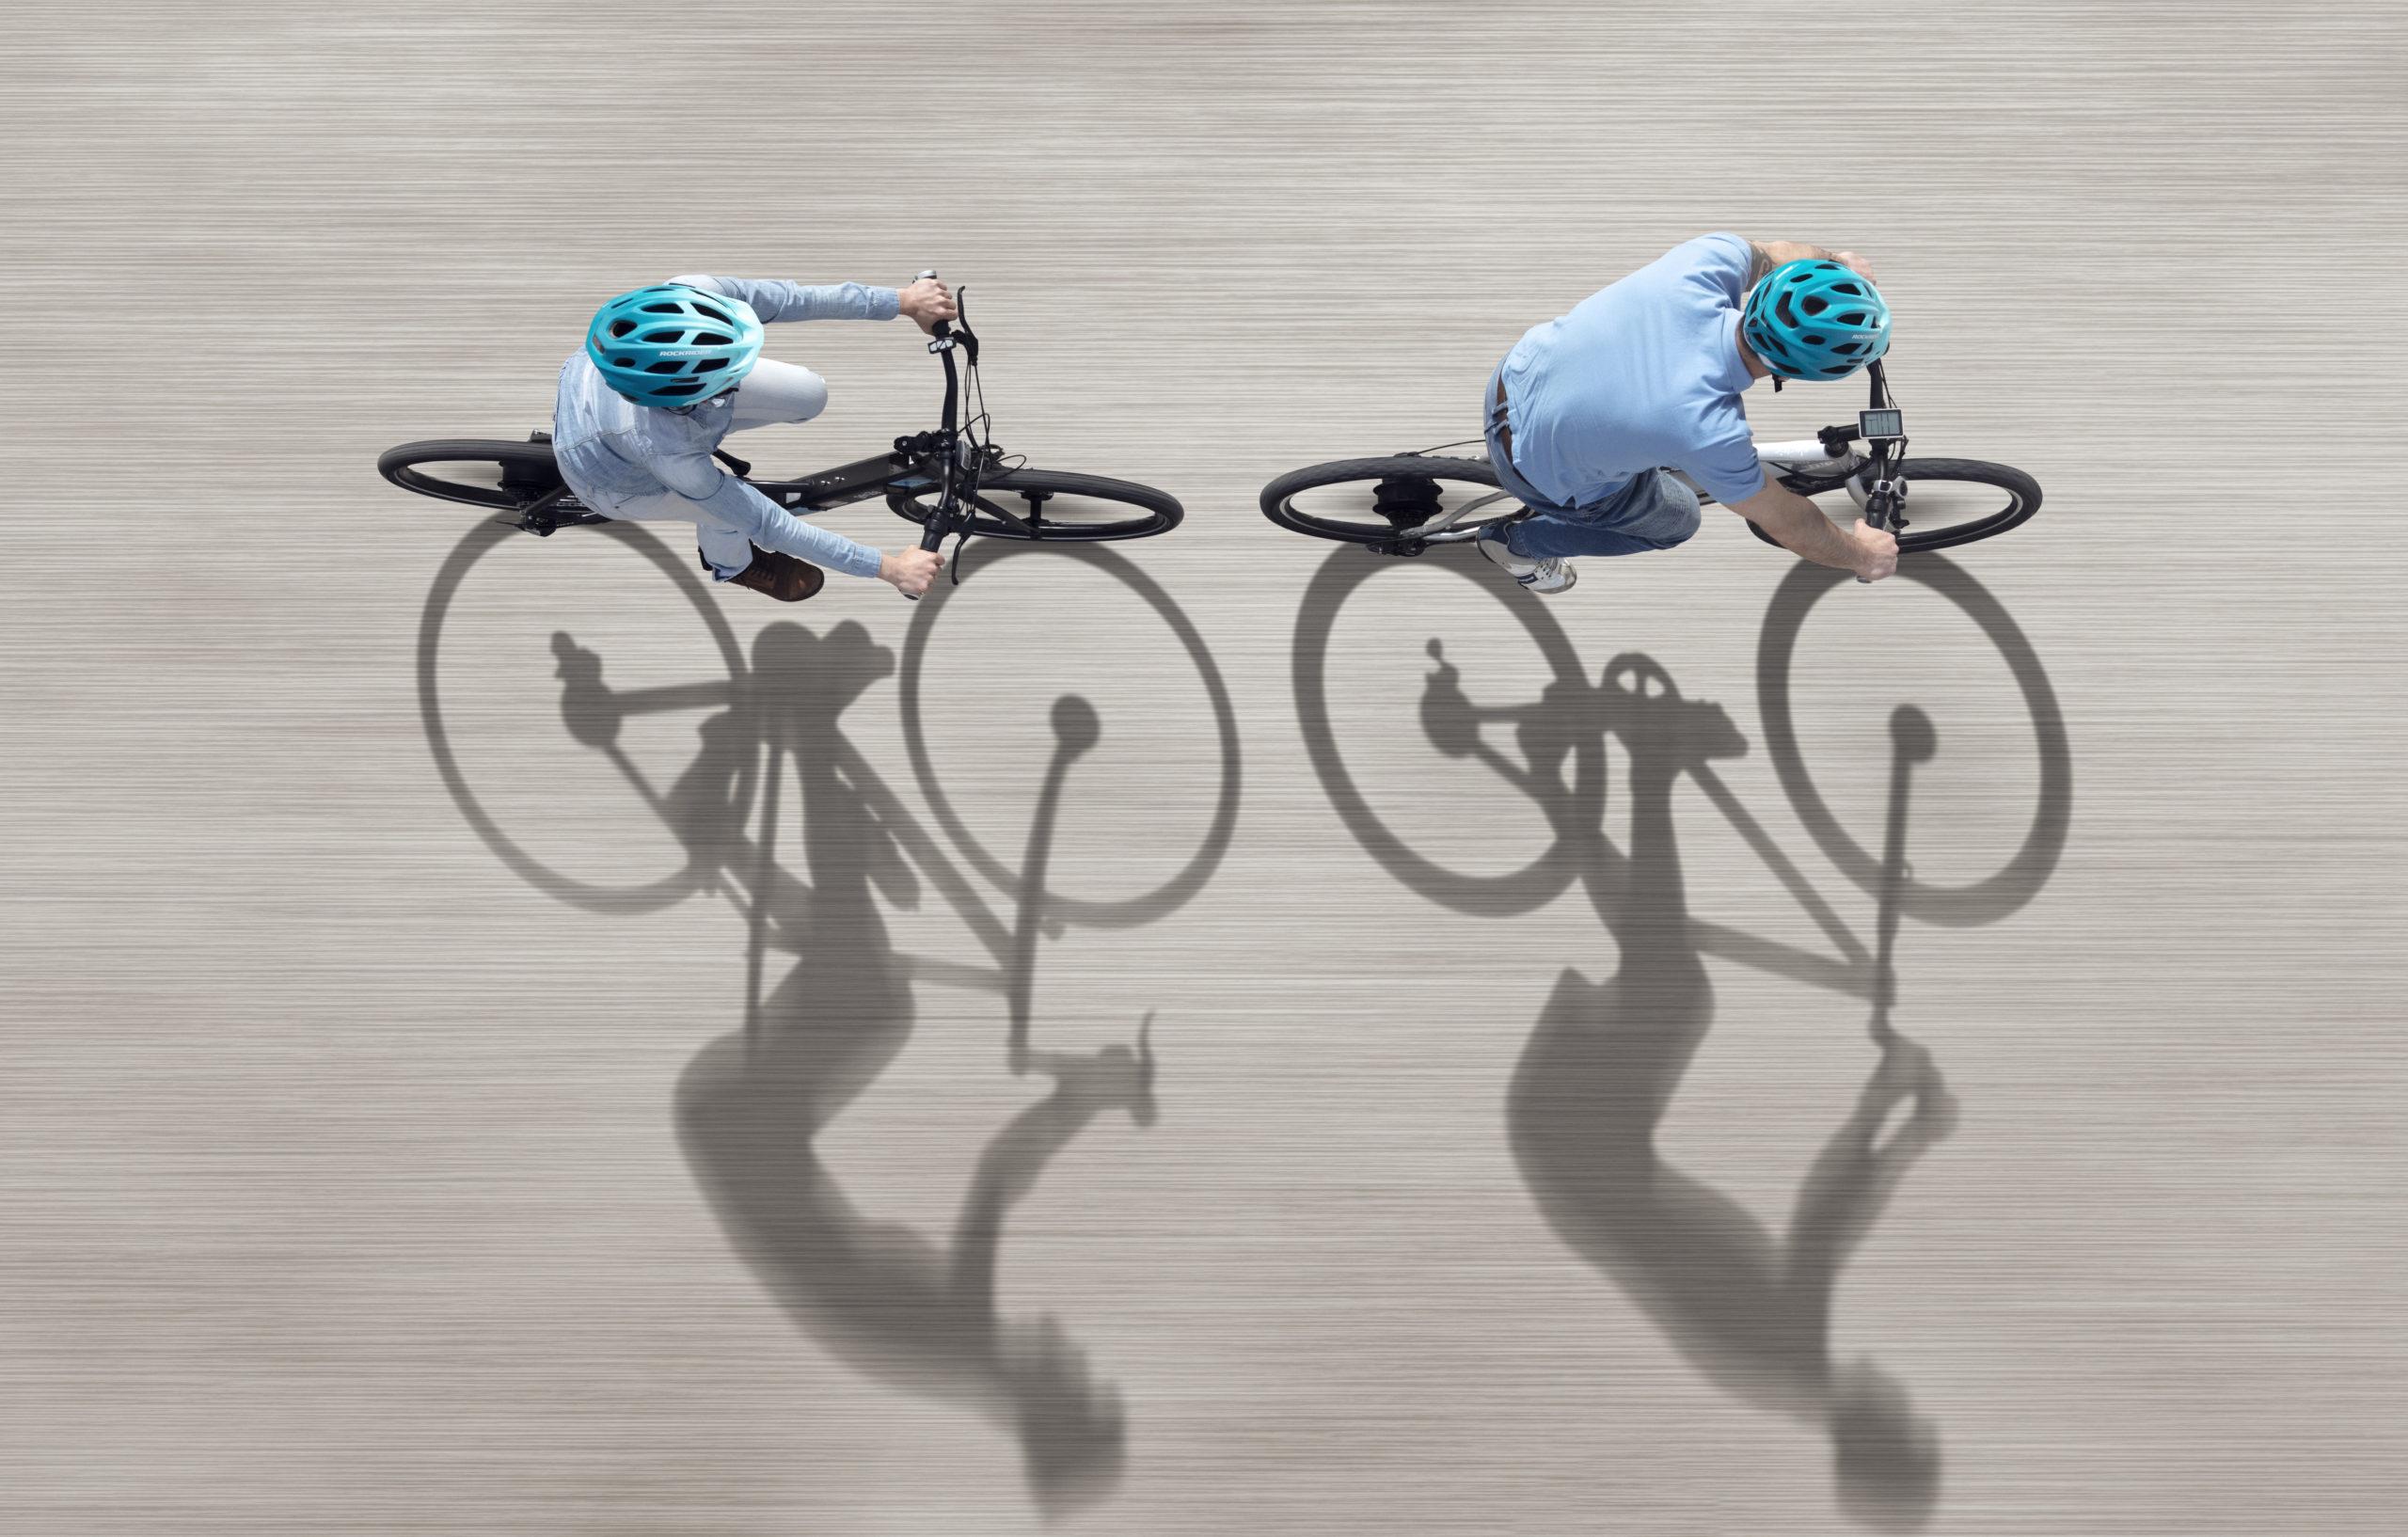 Ciclistas | Instaurados 267 processos de contra-ordenação em 2020